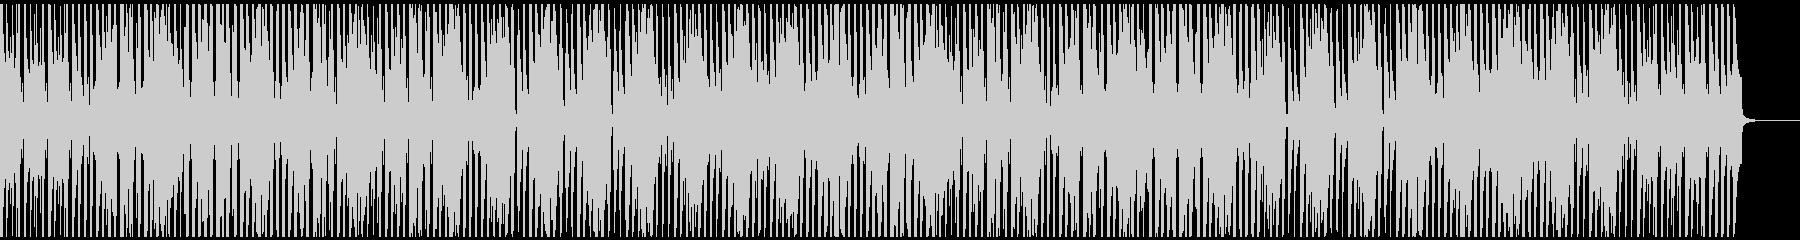 ウクレレと口笛のコミカルで楽しいBGMの未再生の波形